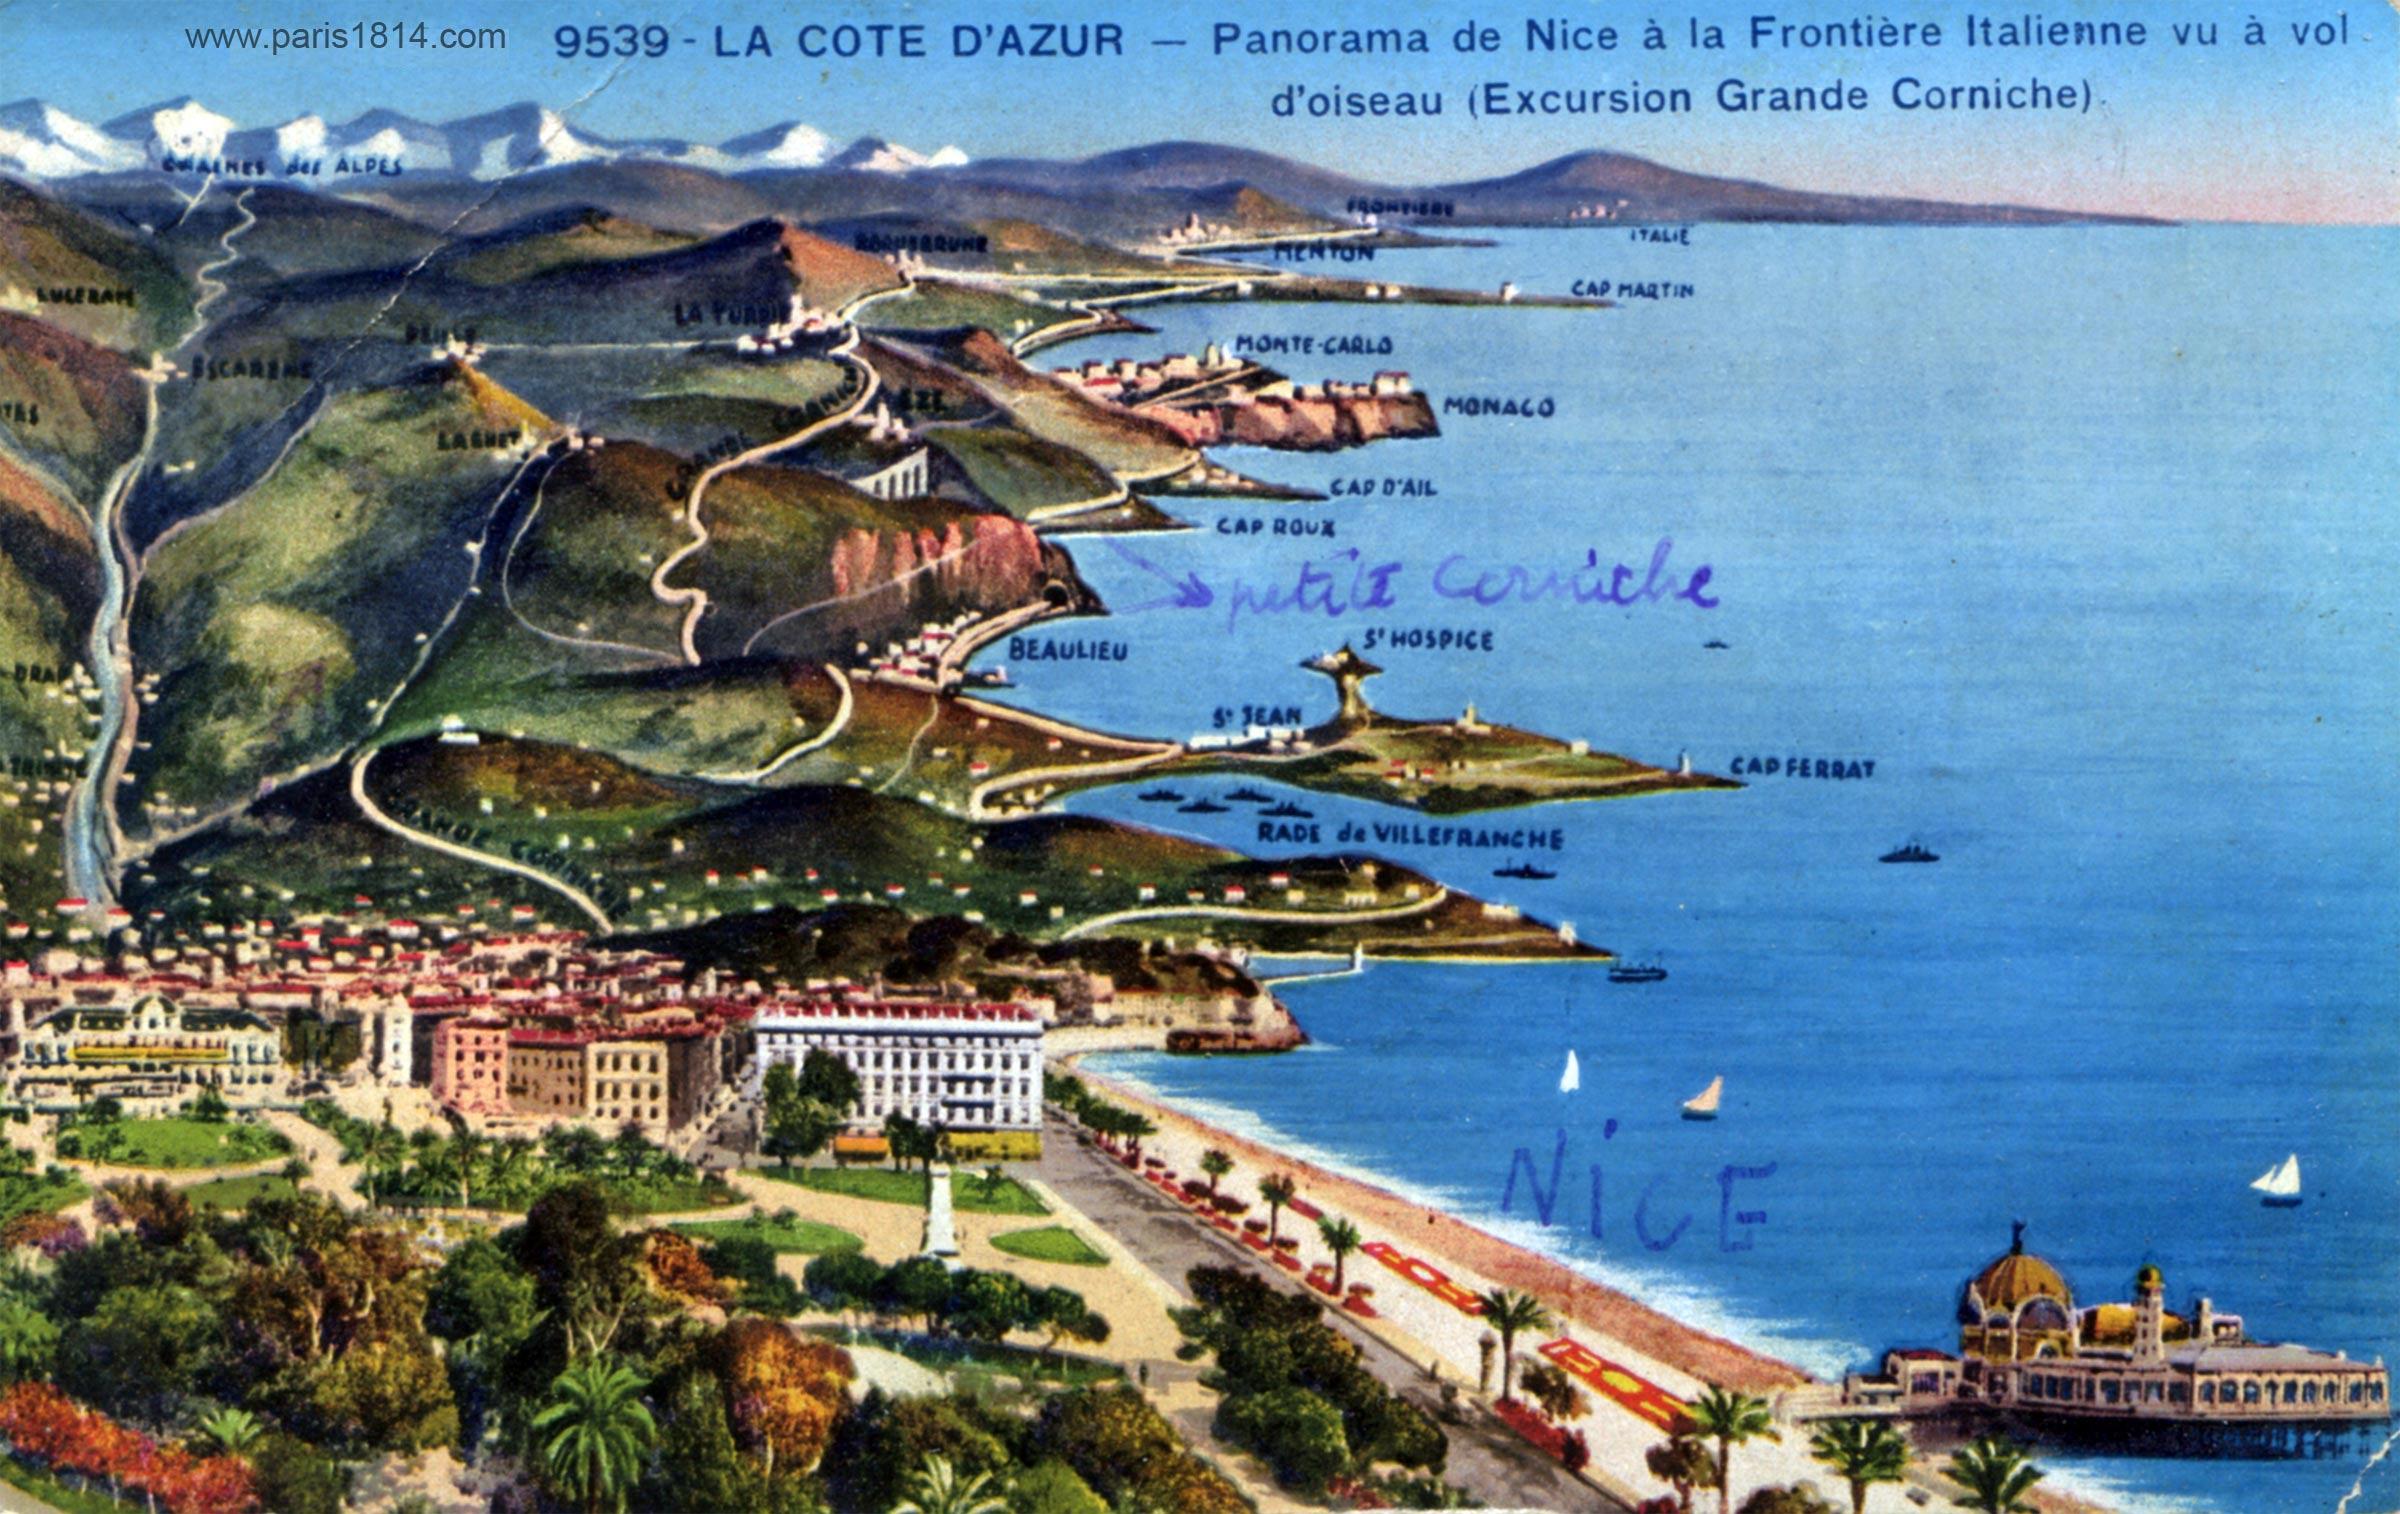 Почтовая карточка с Лазурным берегом